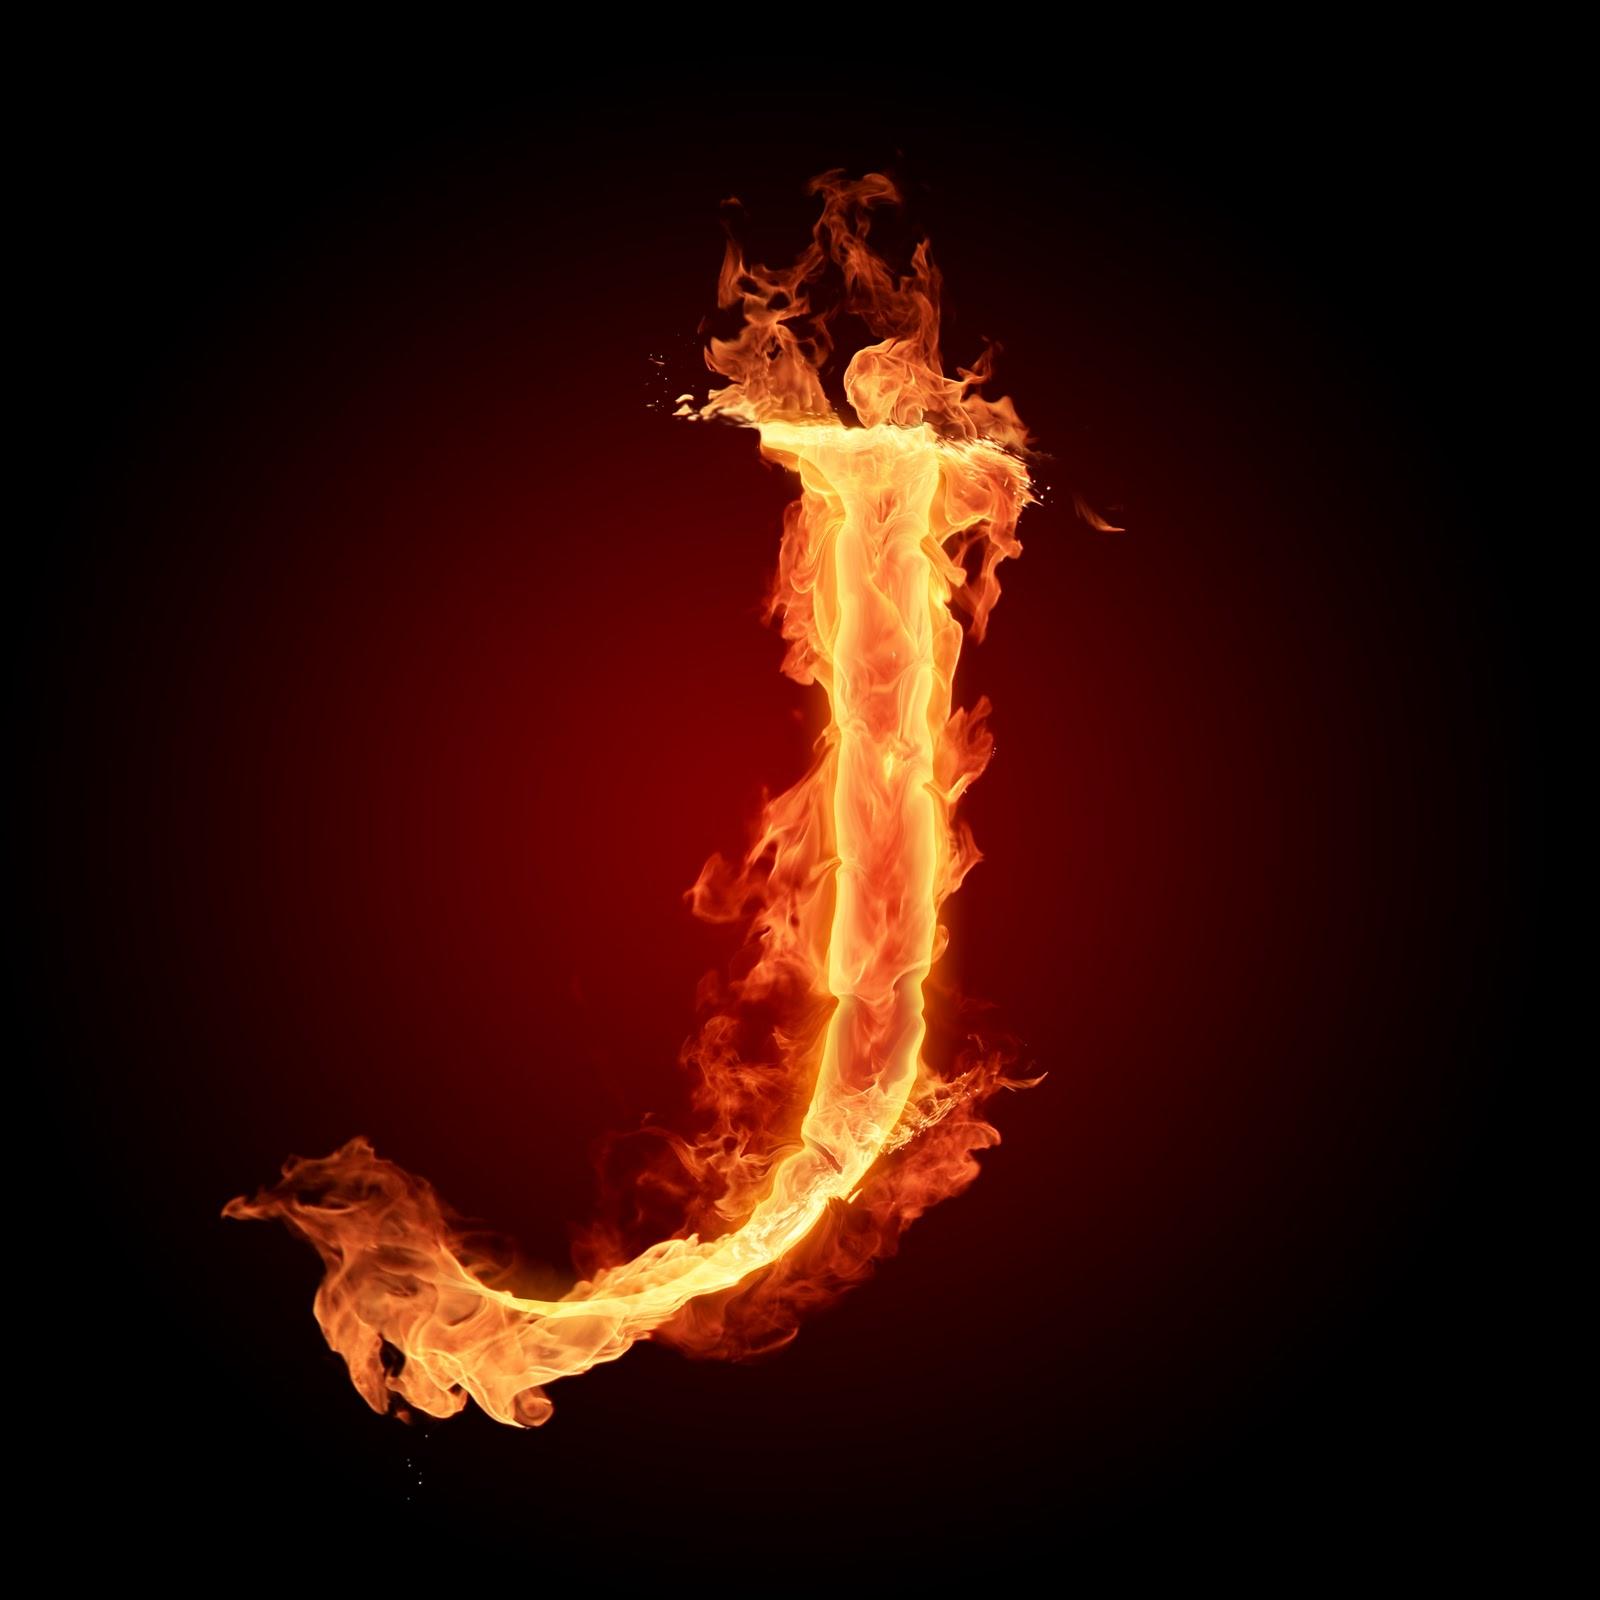 Gaya Unik Huruf A sampai Z dengan Elemen Api - LingkaranDunia